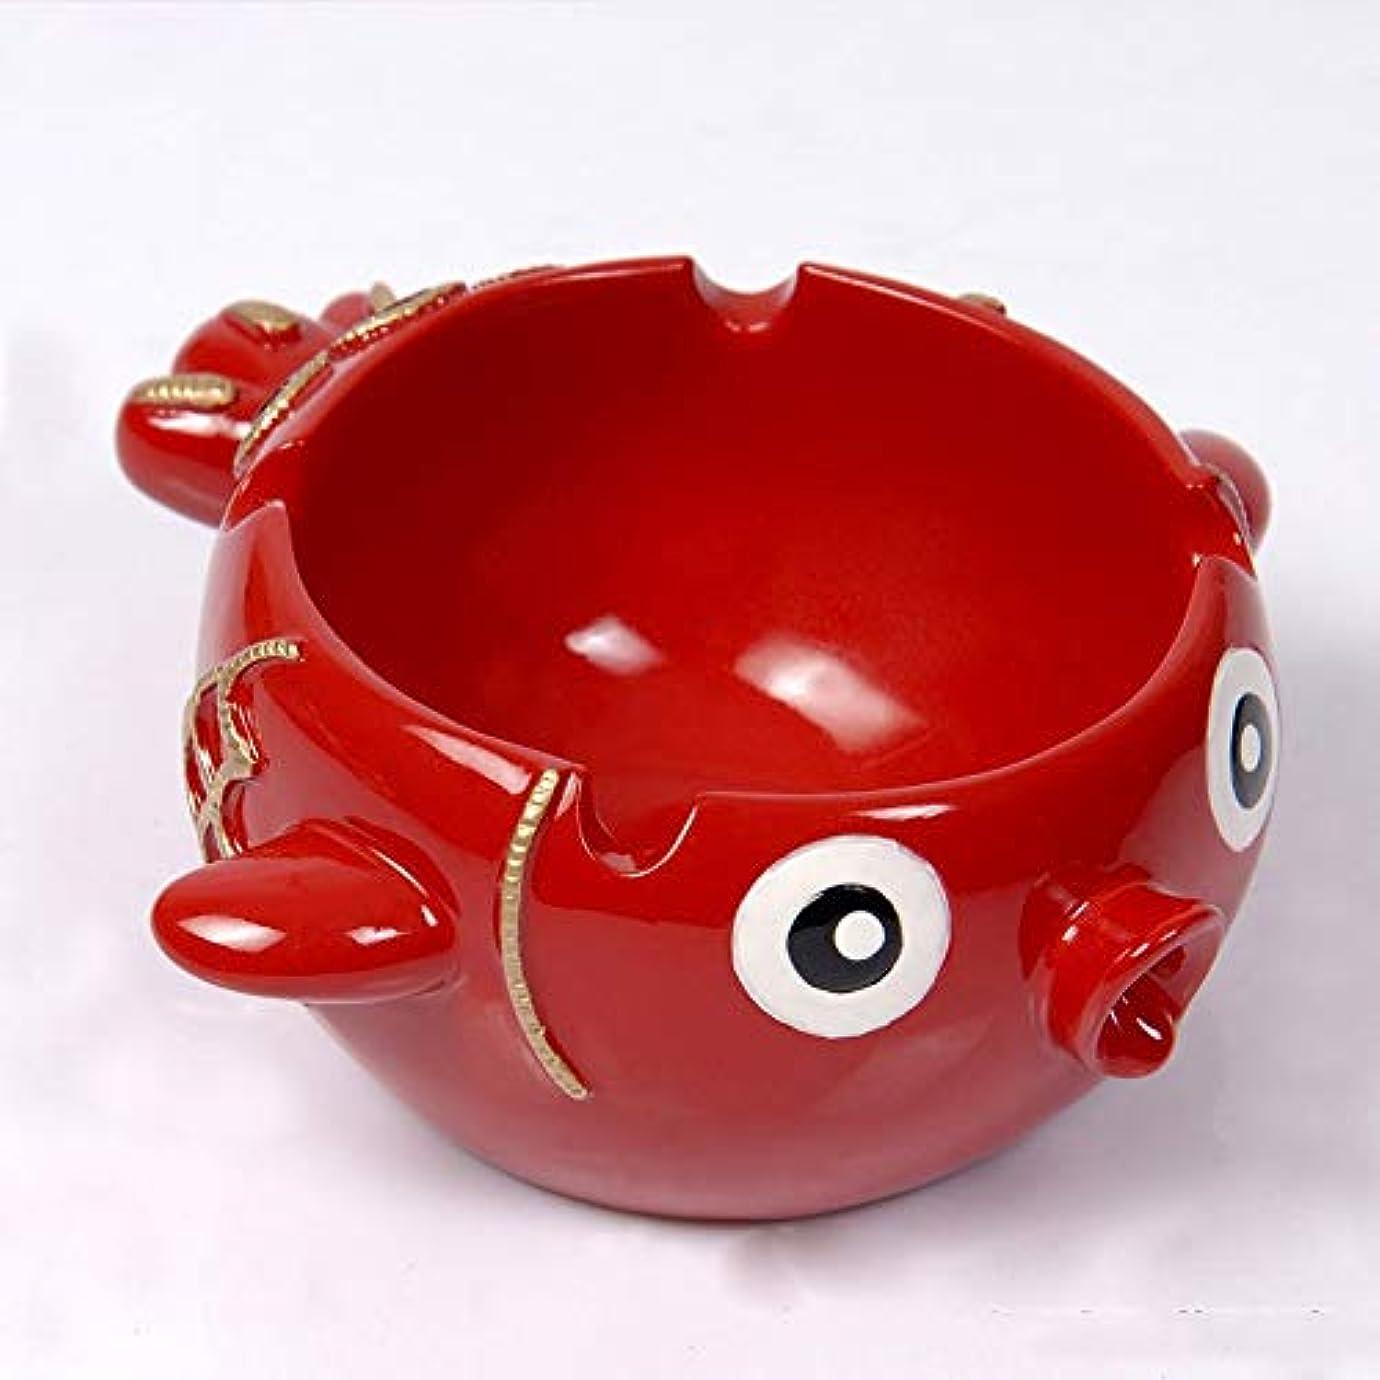 膨らみ内向き錫タバコ、ギフトおよび総本店の装飾のための灰皿の円形の光沢のある樹脂の灰皿